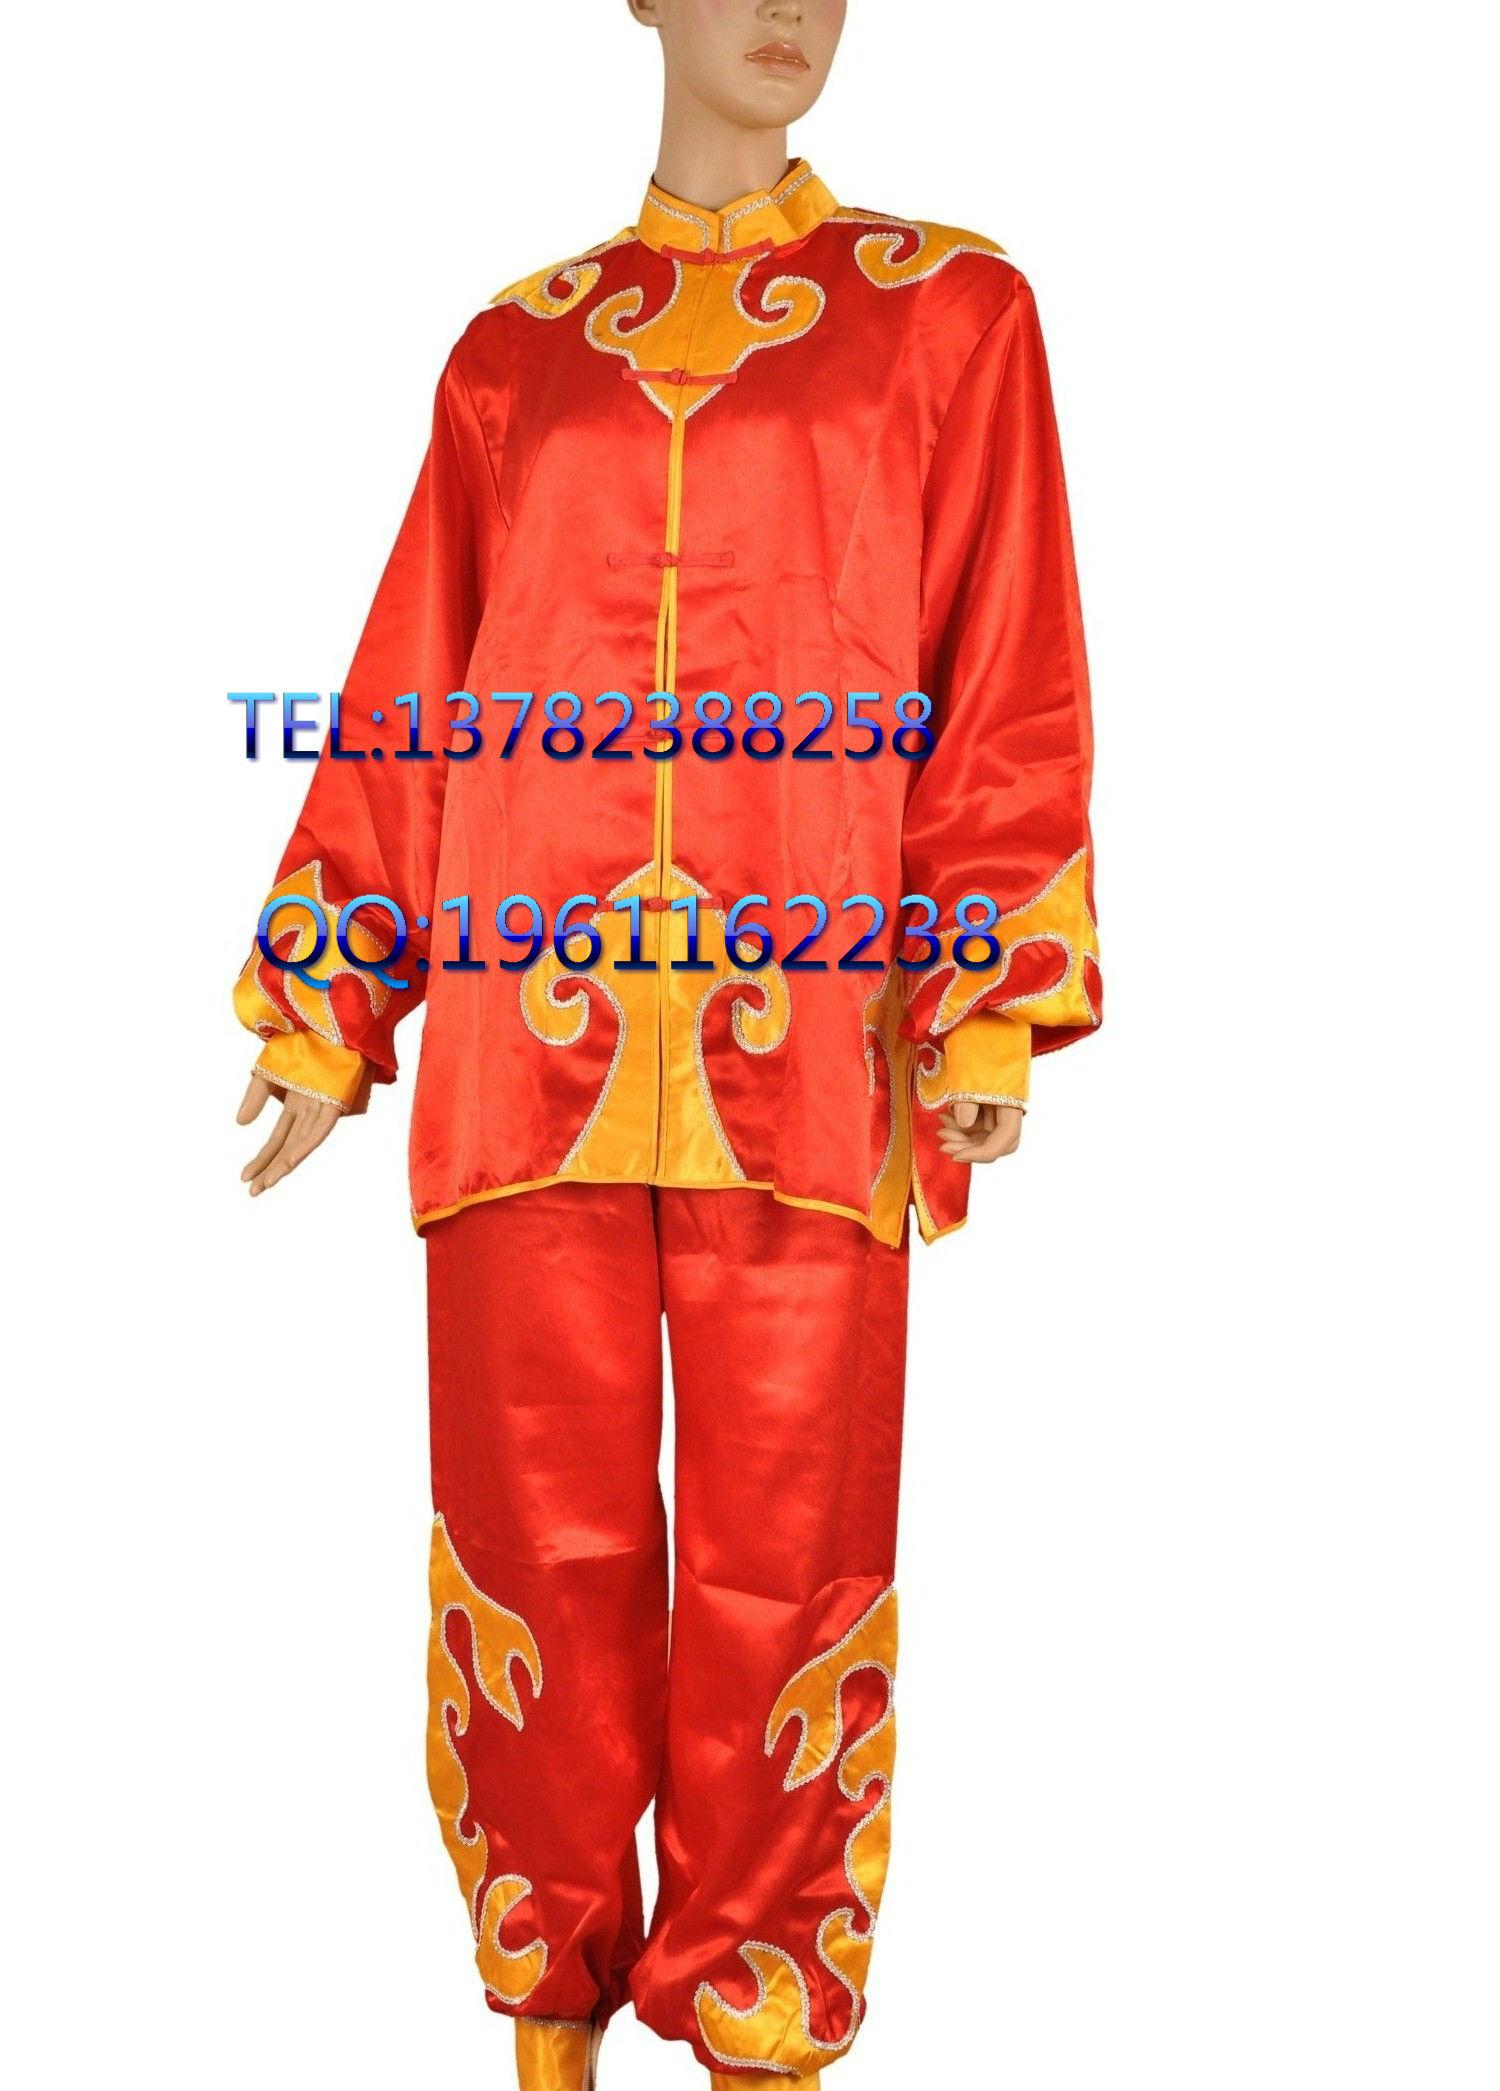 Китайский магазин одежды бесплатная доставка спб